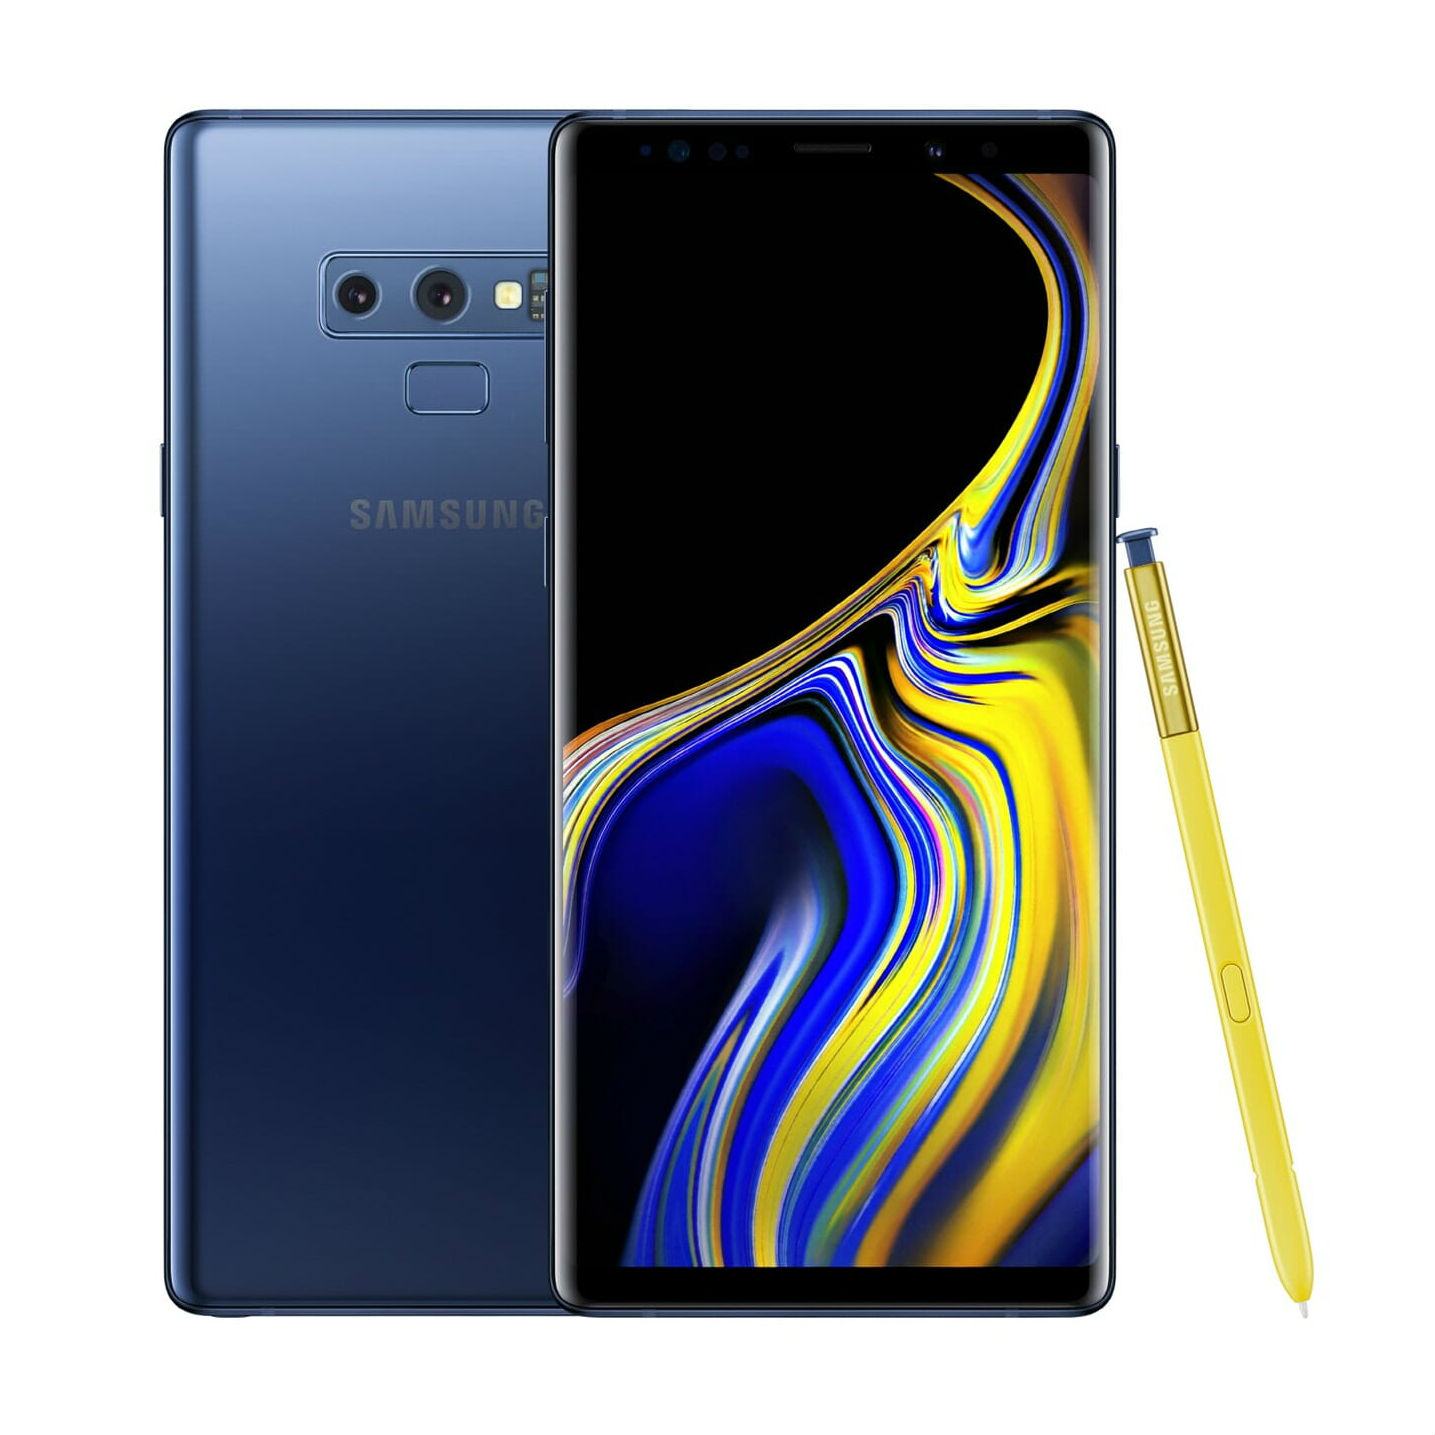 تعرف على أسعار ومواصفات أبرز هواتف Samsung في السوق المصري